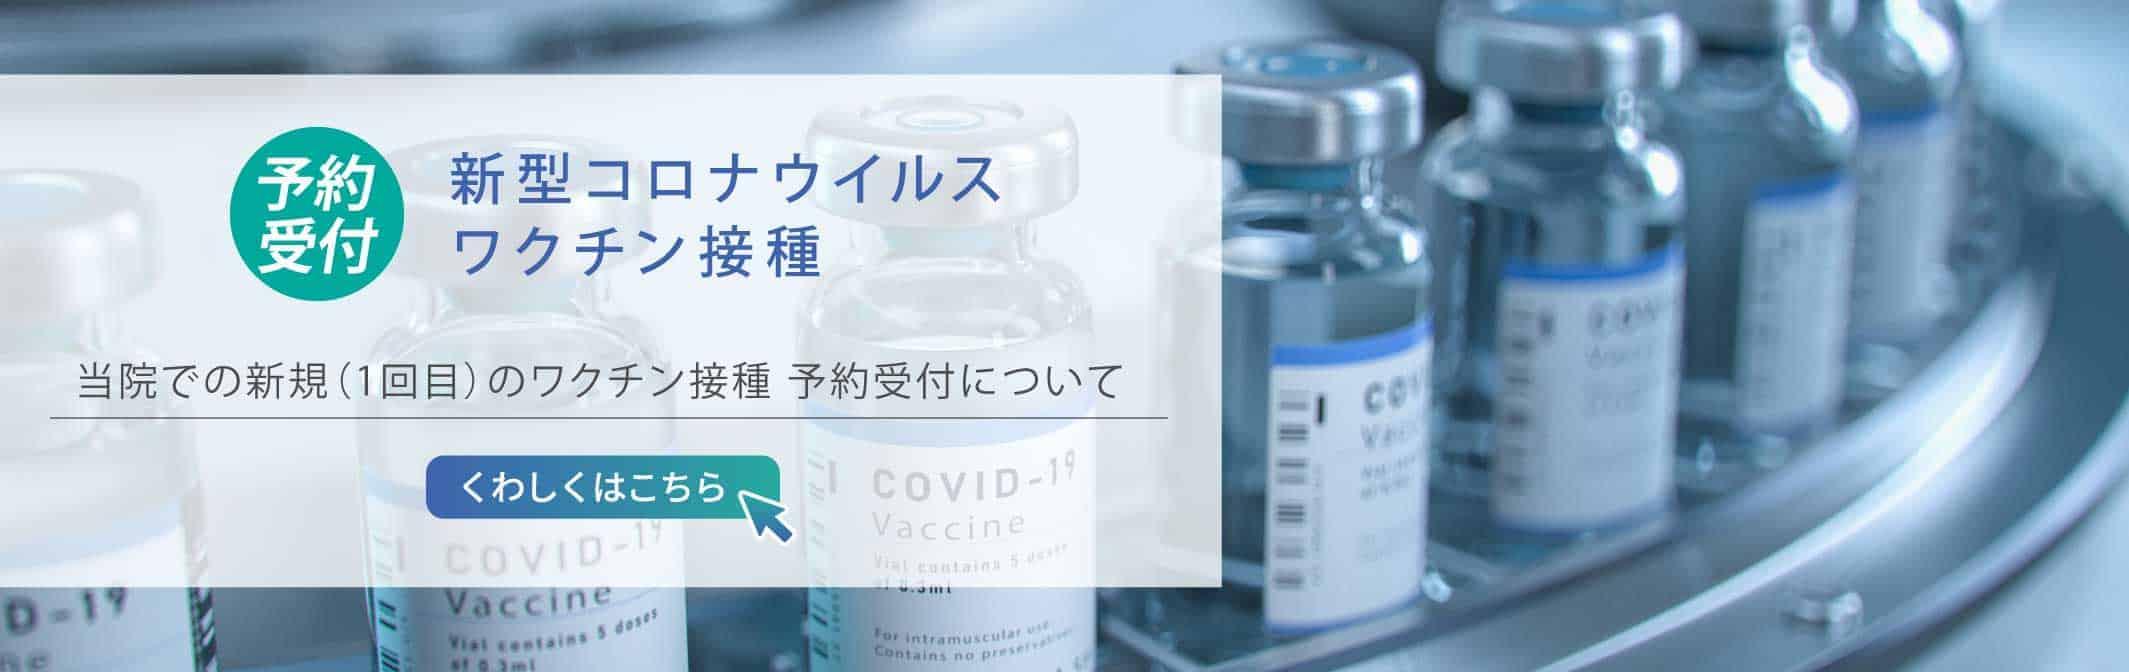 新型コロナワクチン接種について